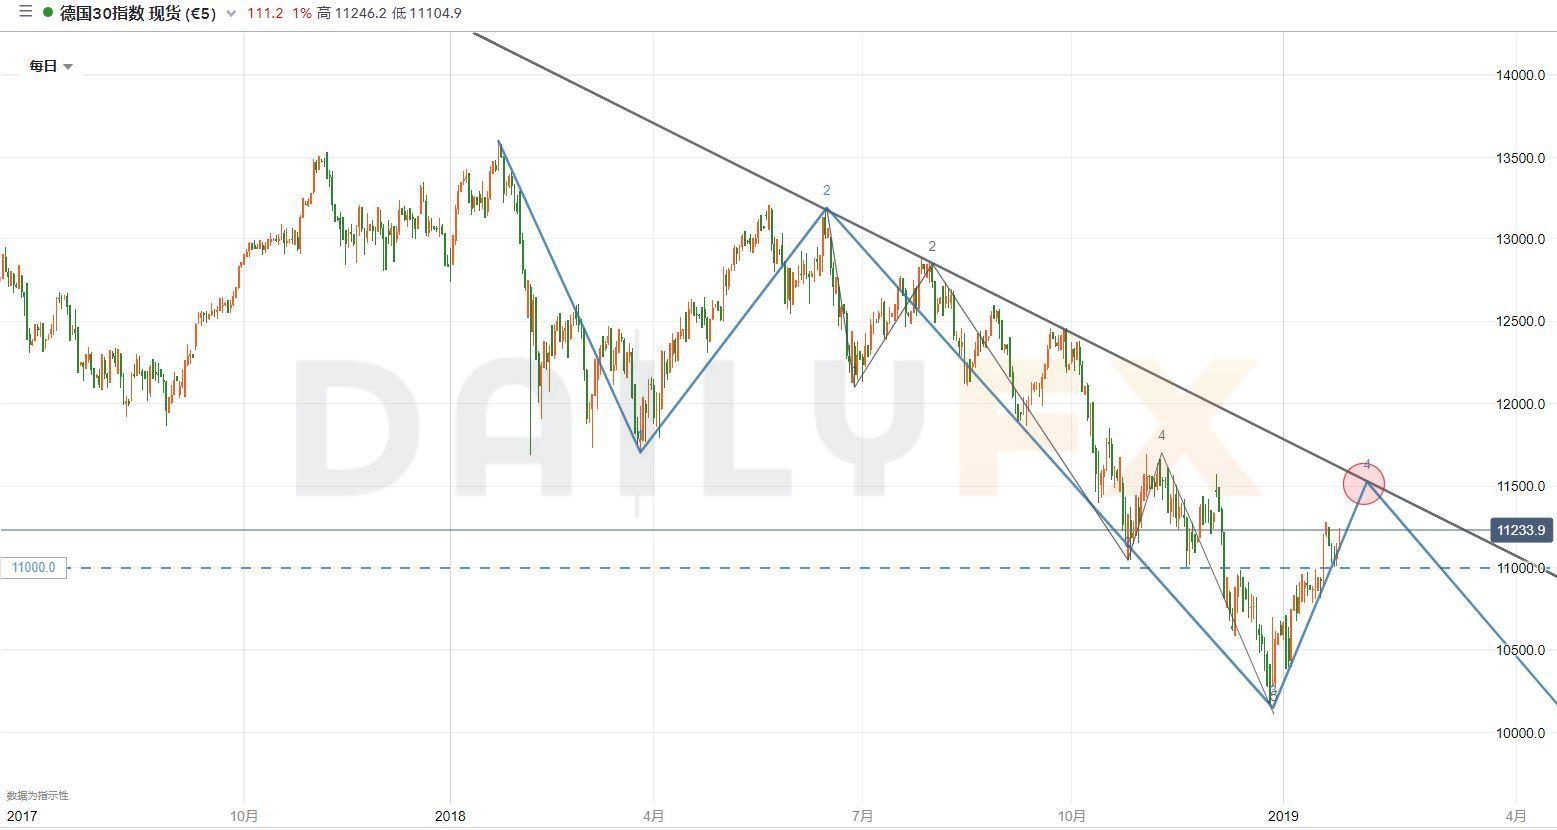 欧央行掩盖疲软数据,德国DAX30指数还能涨!?